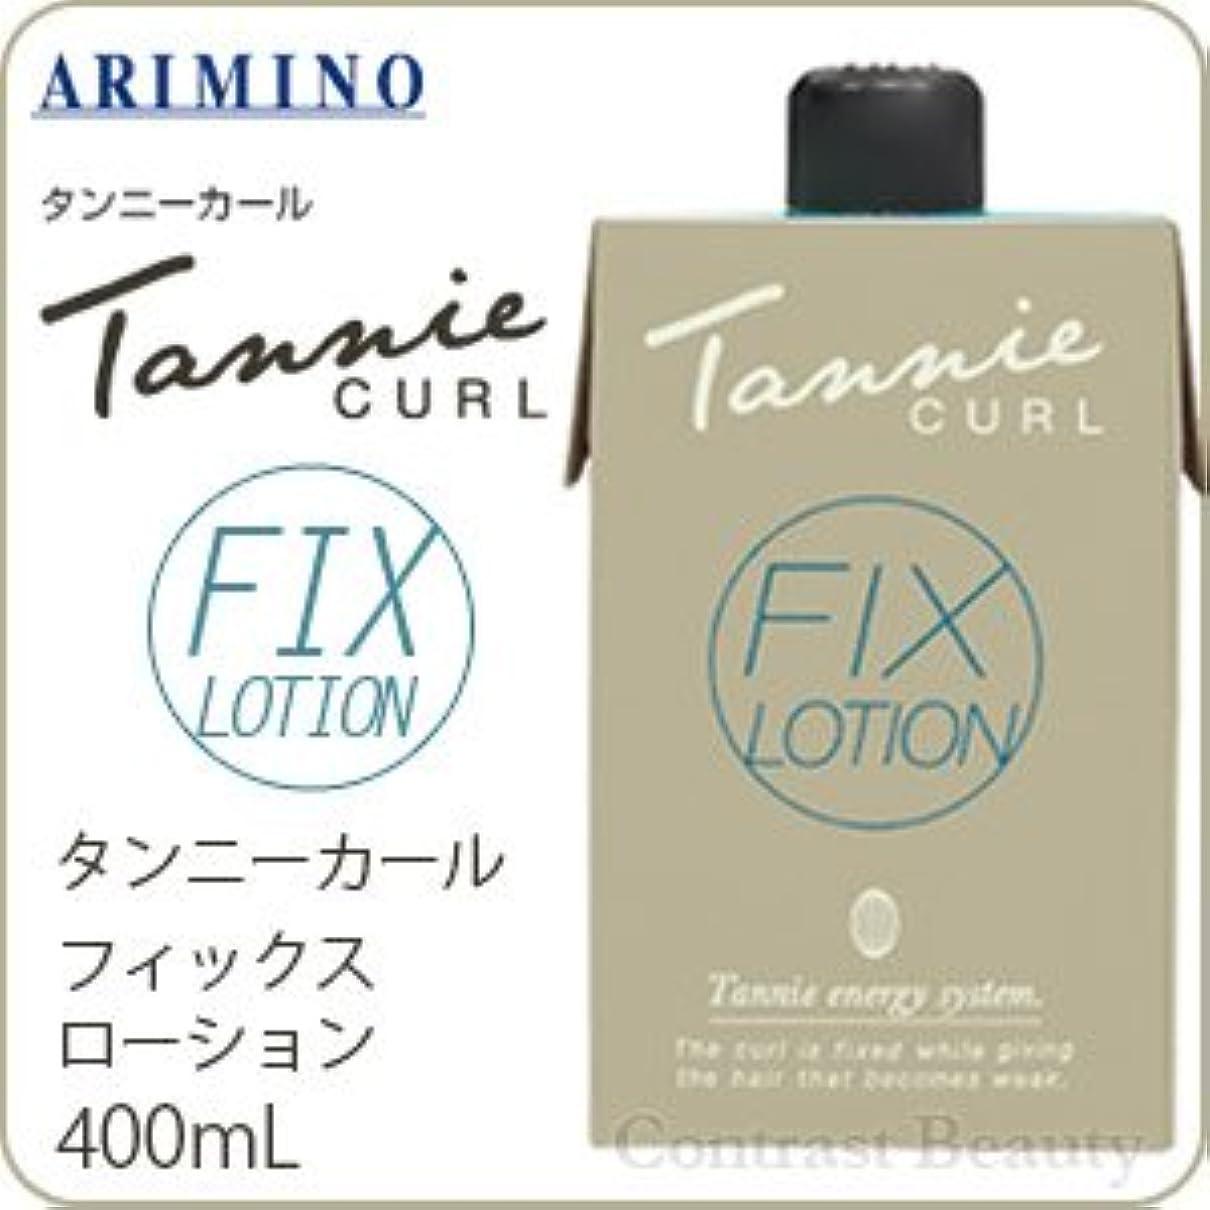 政令ドラッグ出席【X3個セット】 アリミノ タンニーカール フィックス ローション 400ml